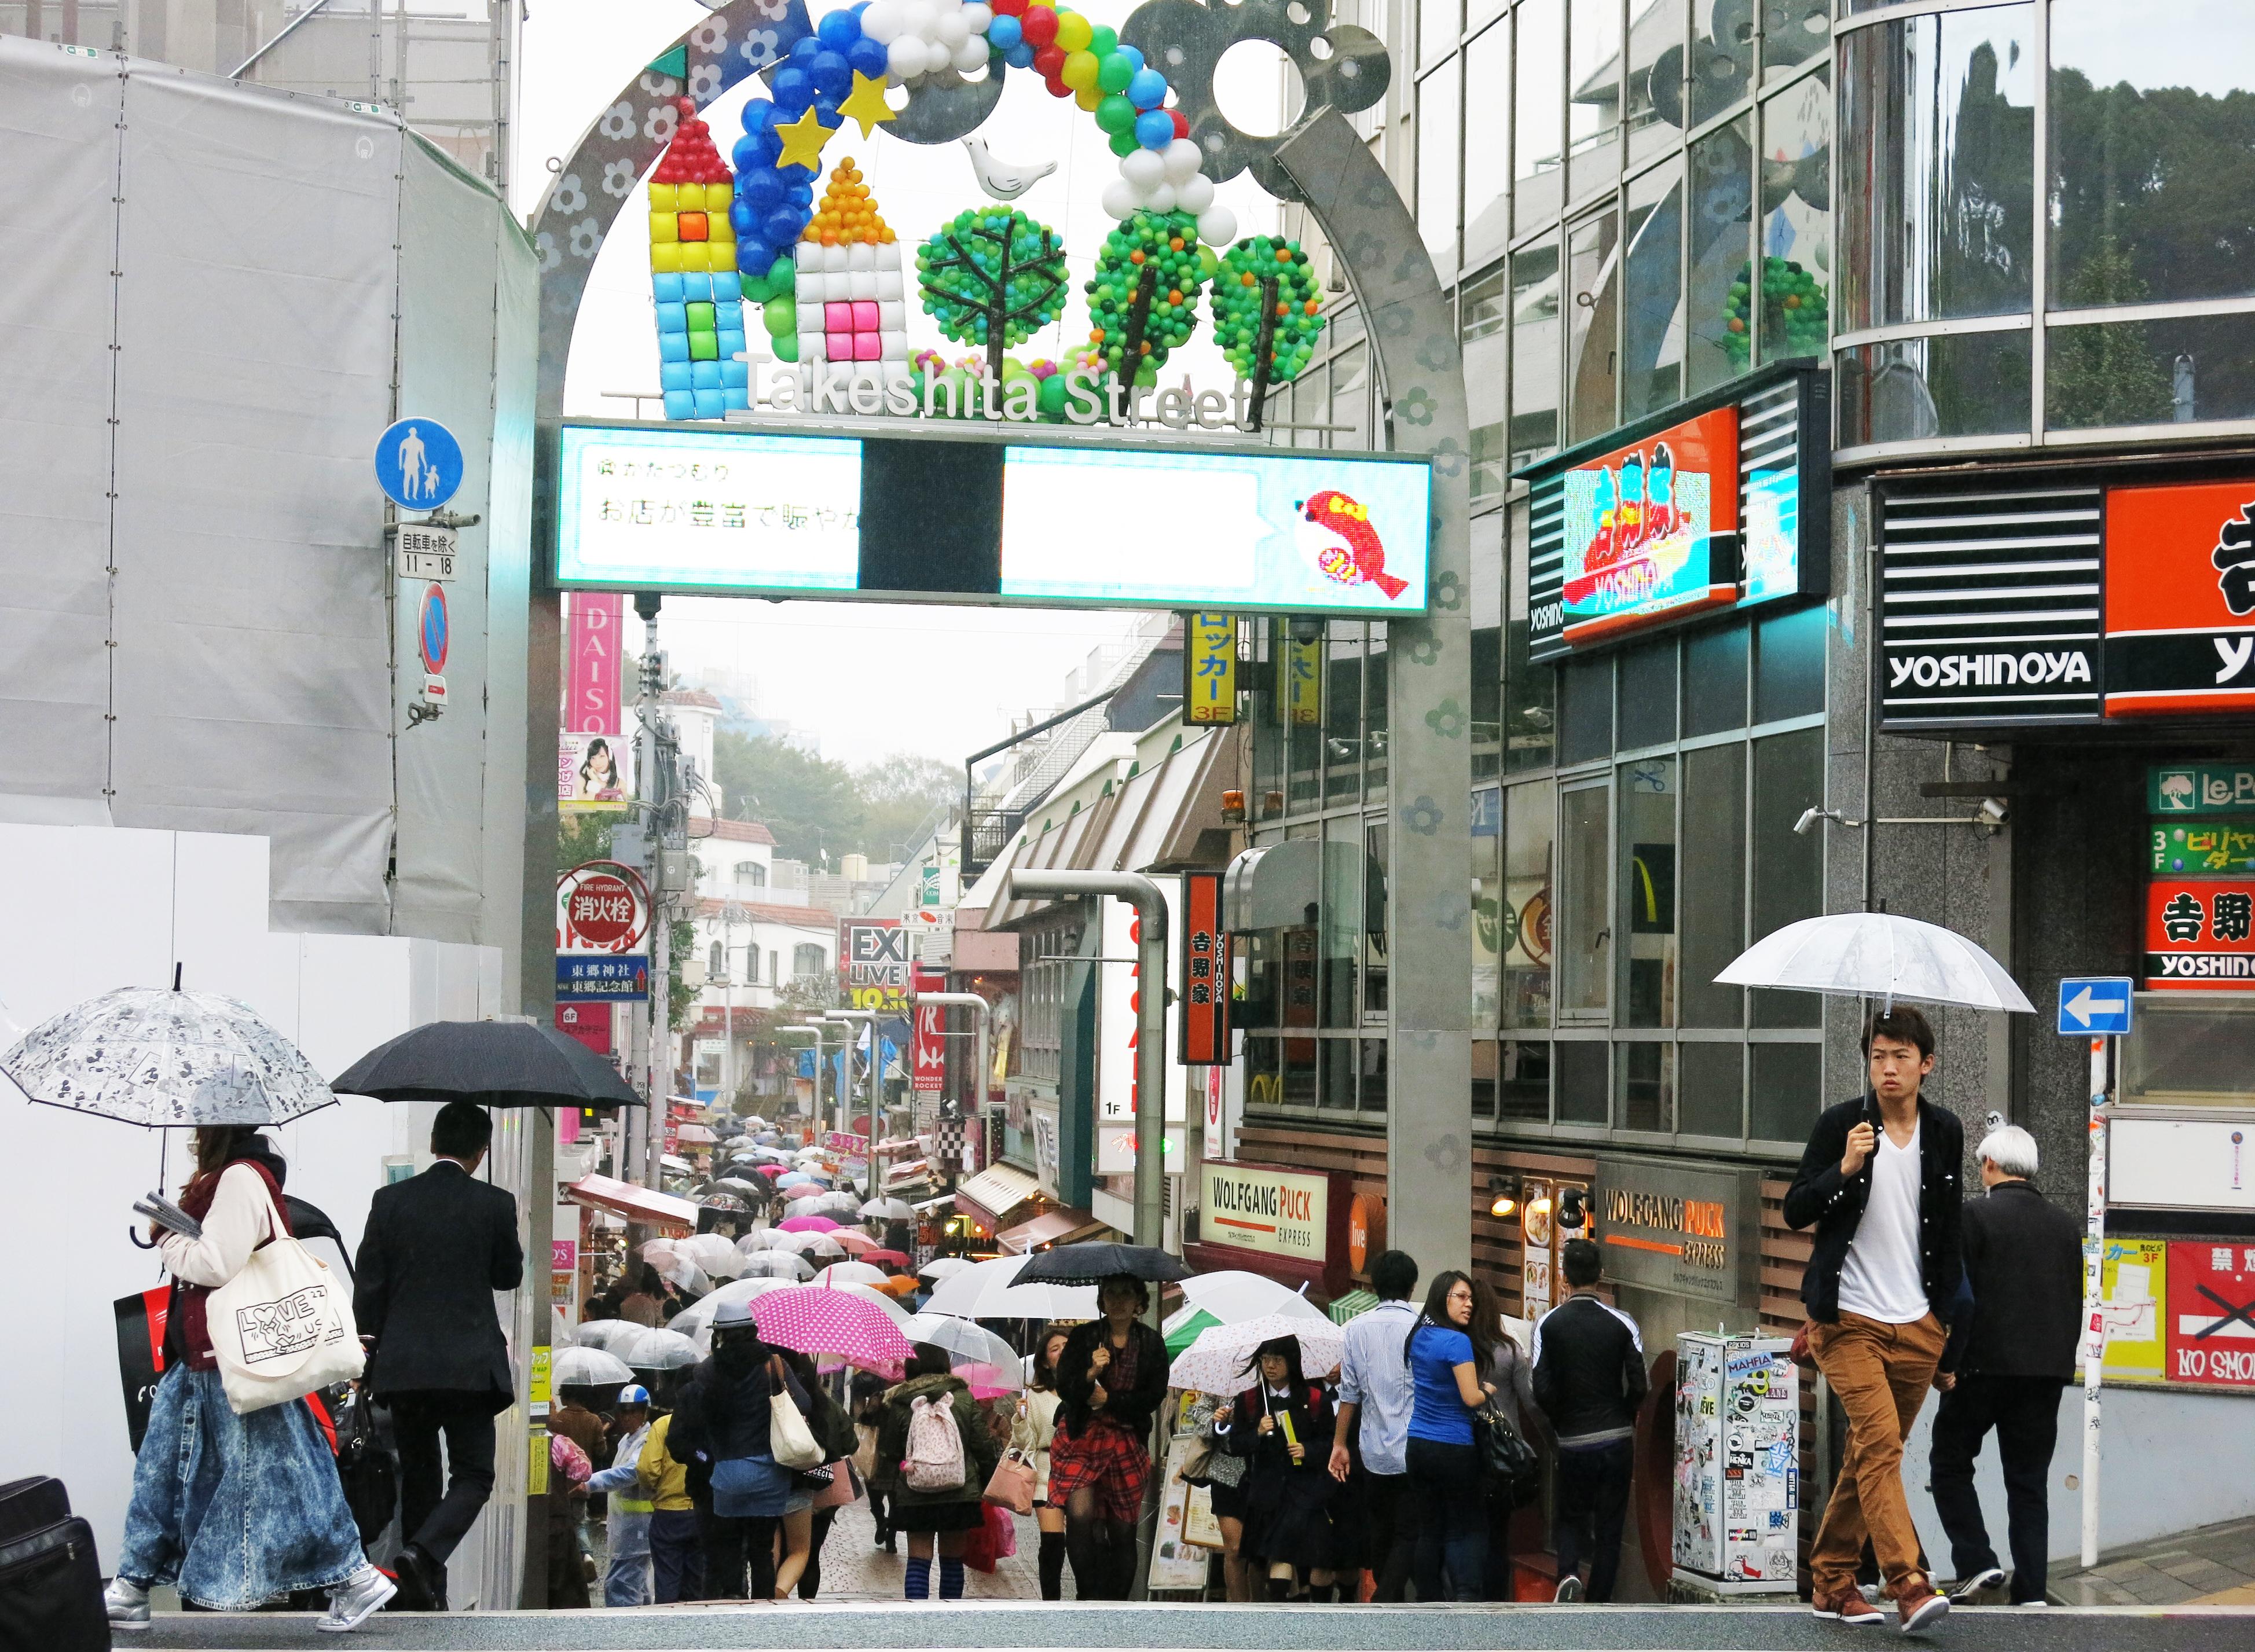 Tokyo, một trong những thành phố quyến rũ khó quên mà mình may mắn có